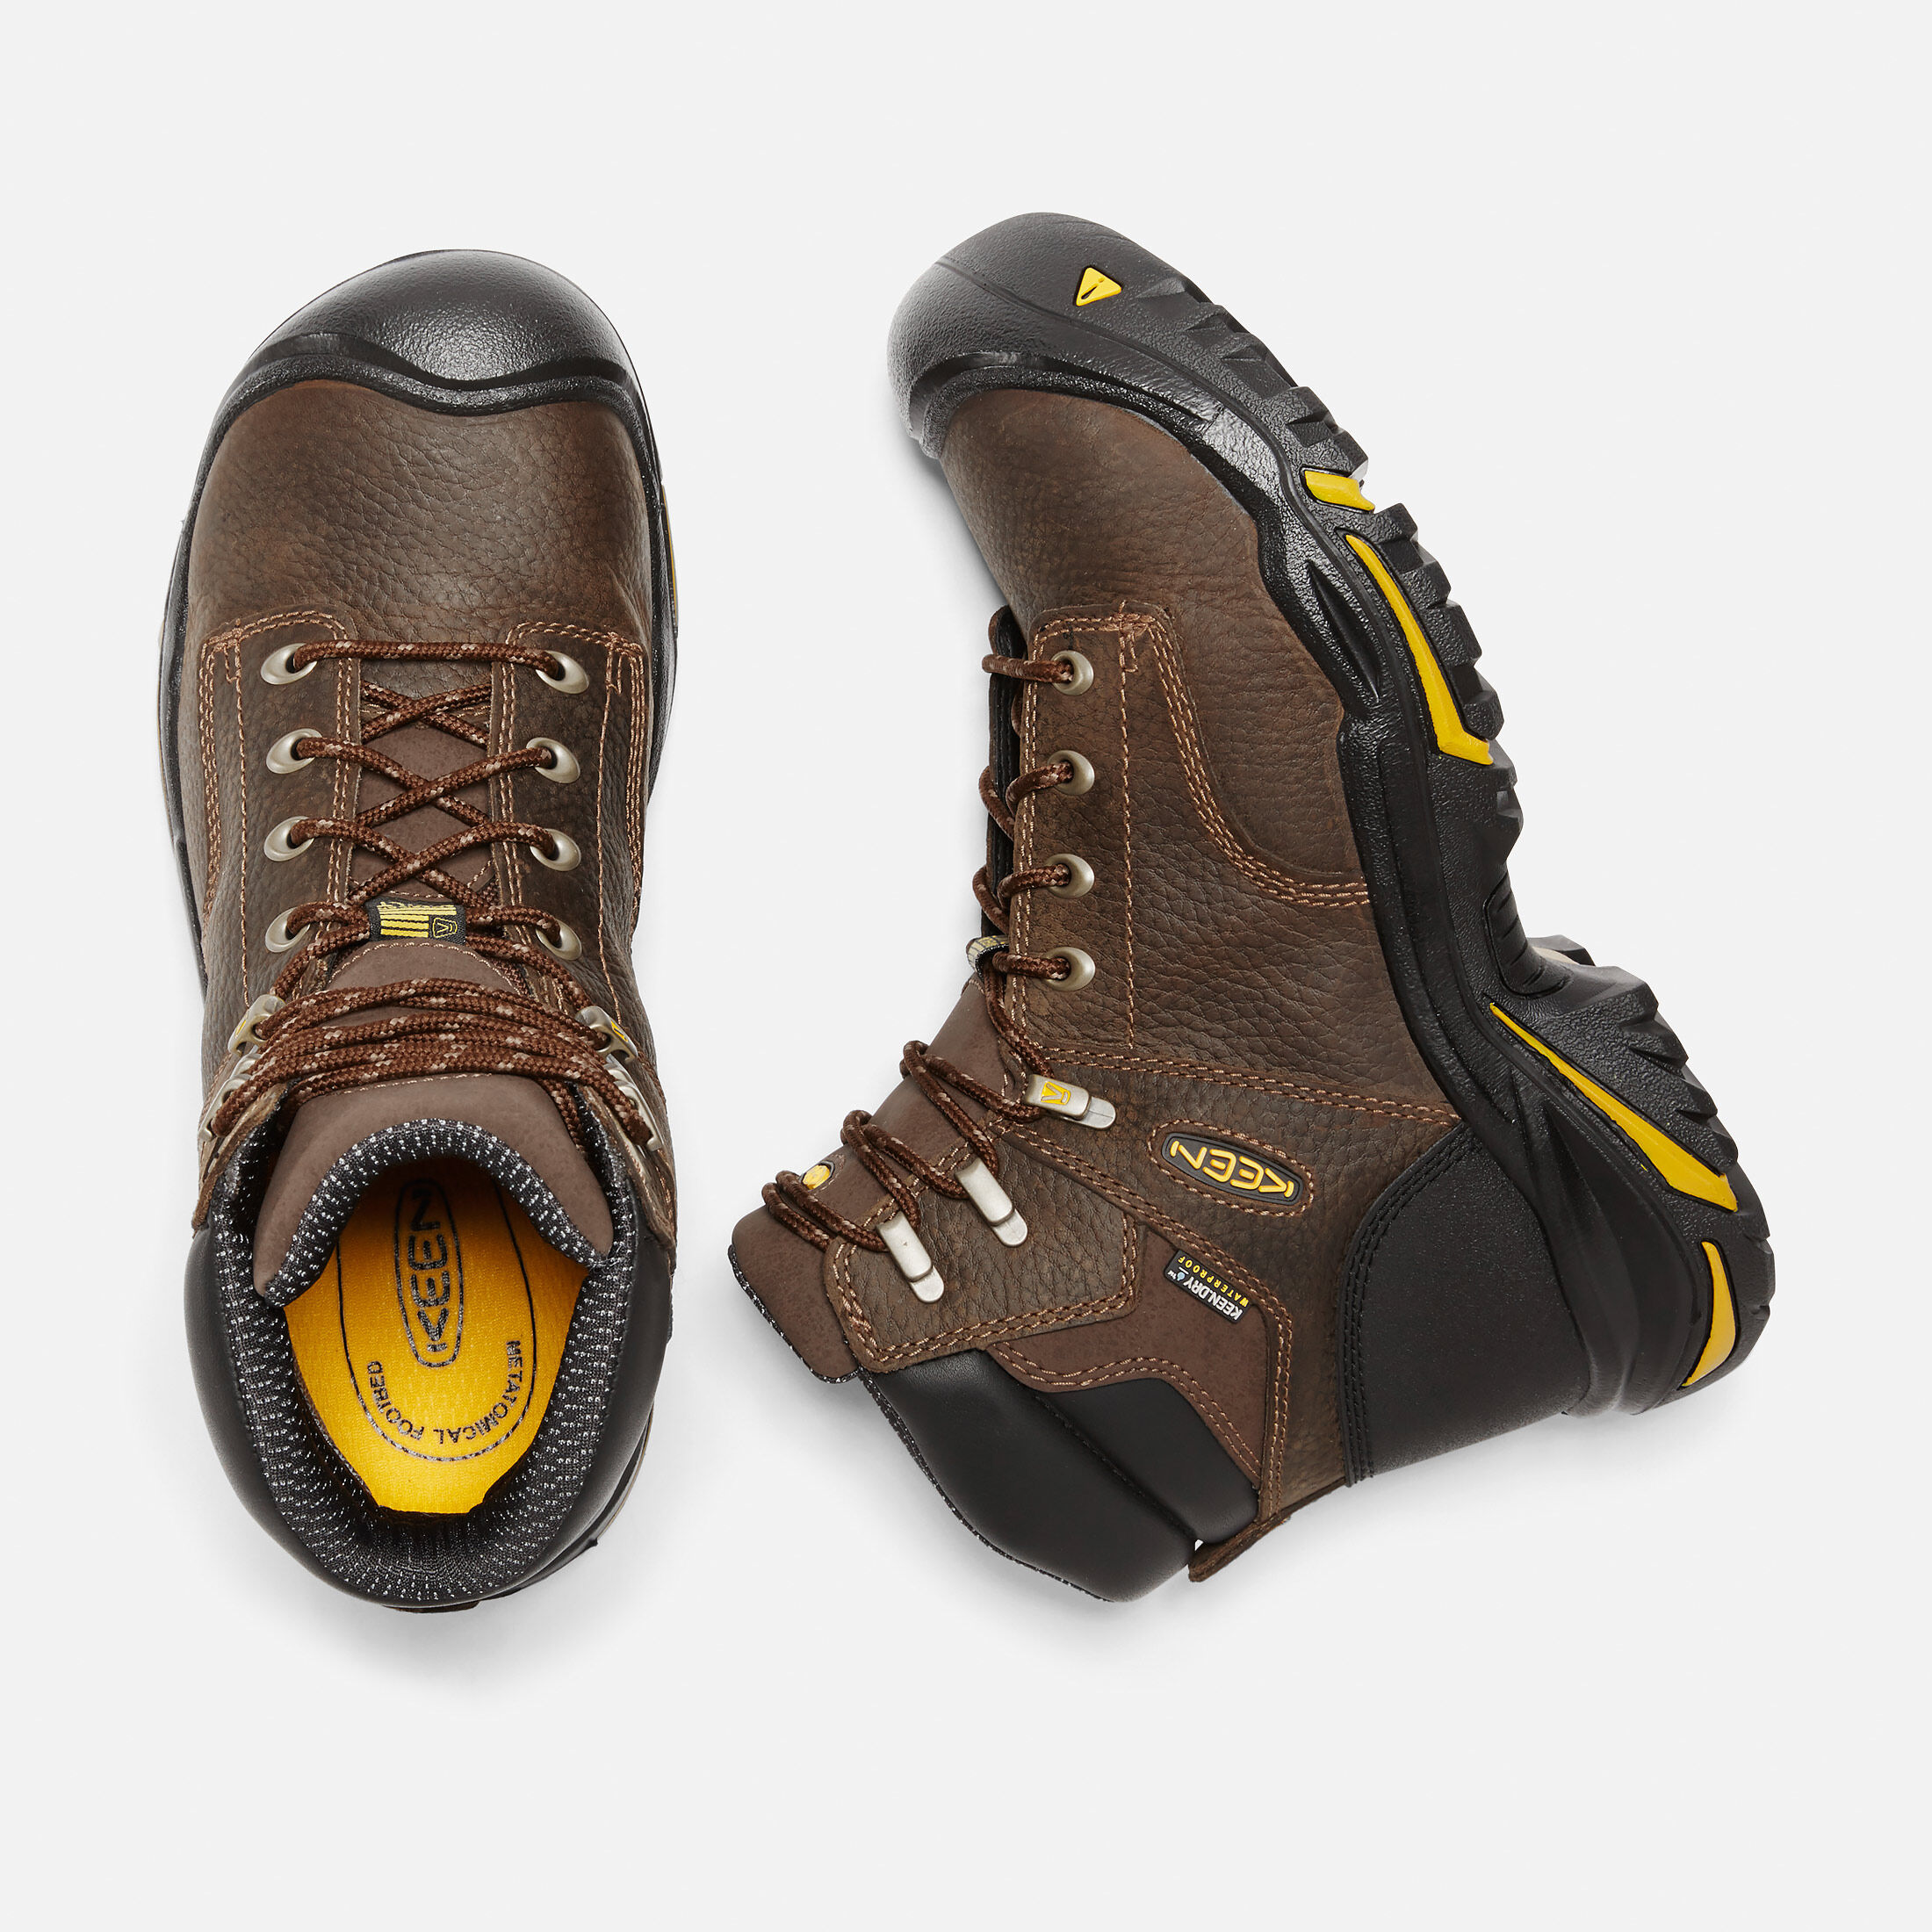 Keen Shoes Portland Oregon